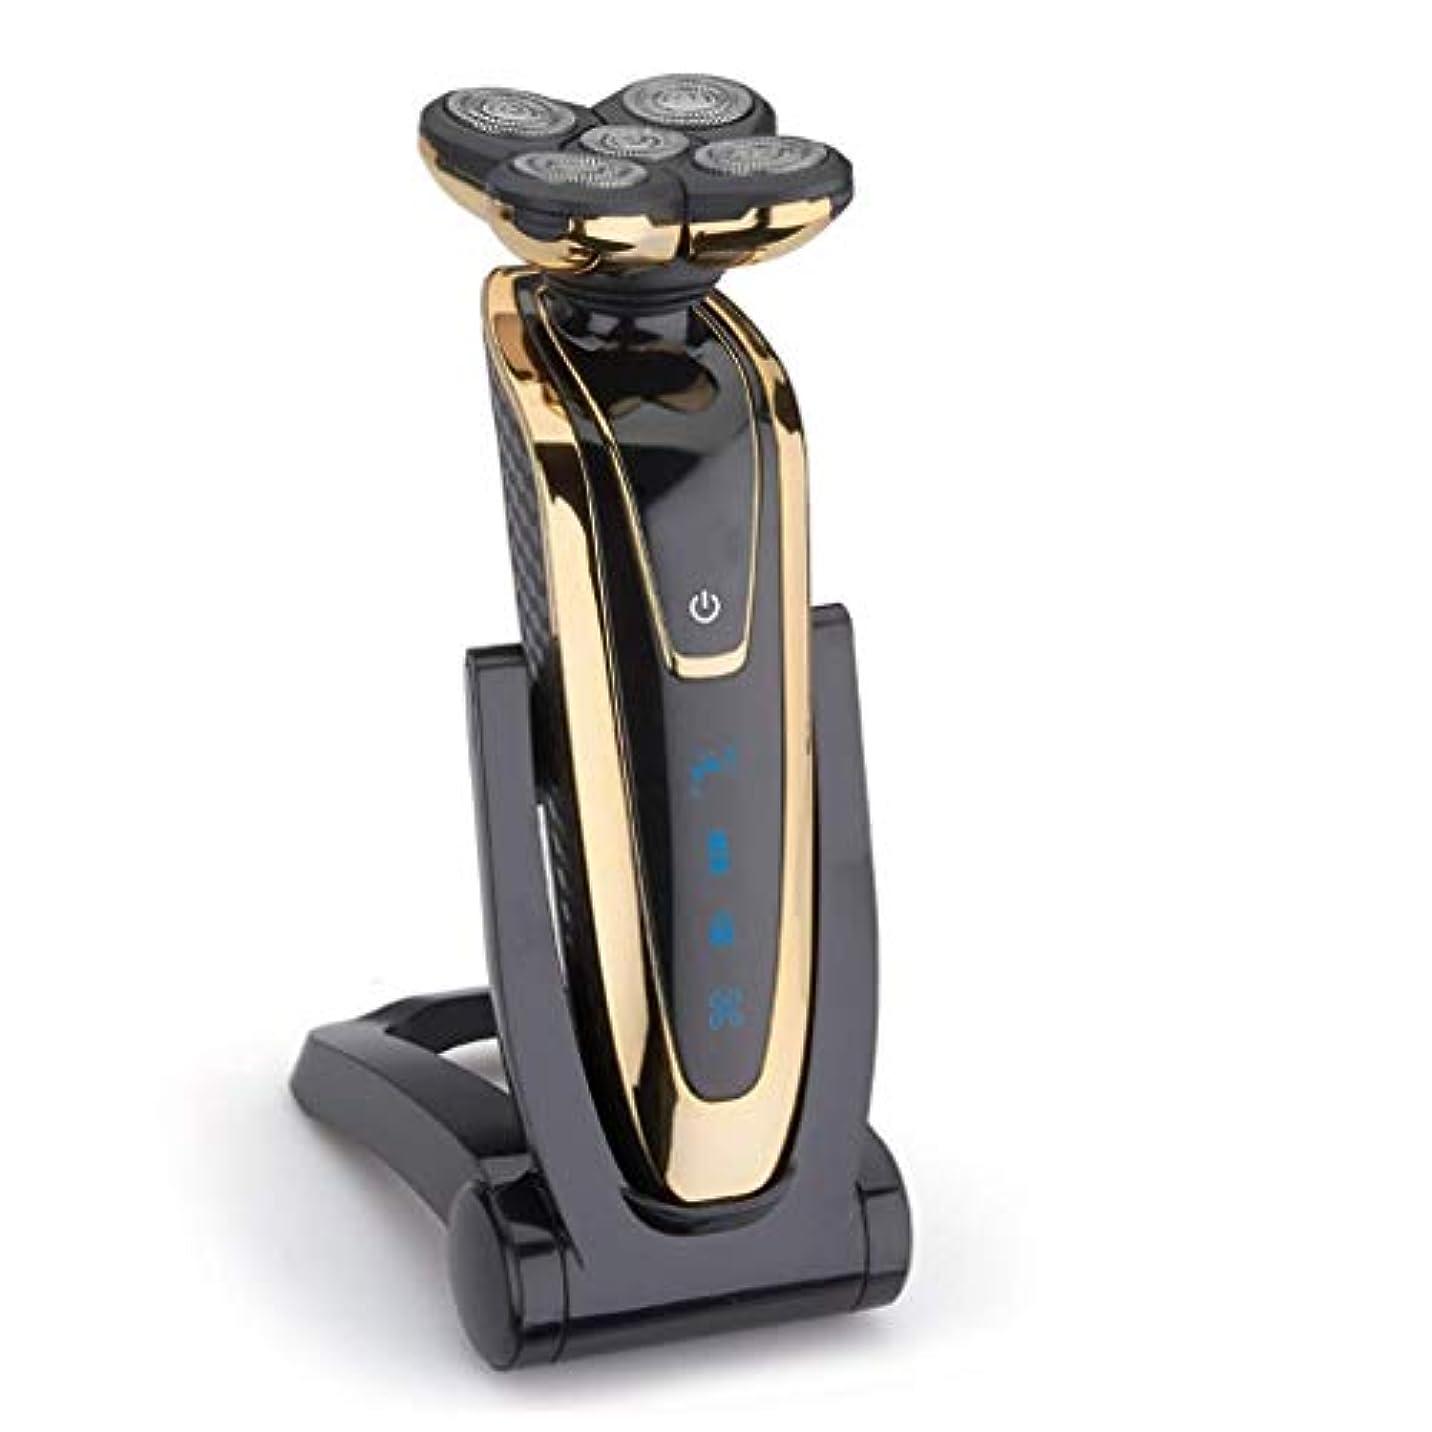 だます住所シャーロックホームズBEIHUAN キット3D浮動ロータリーシェーバーコードレスバリカンあごひげ髪トリマー防水USBの充電式グルーミング男性のための電気かみそり (Color : Gold)